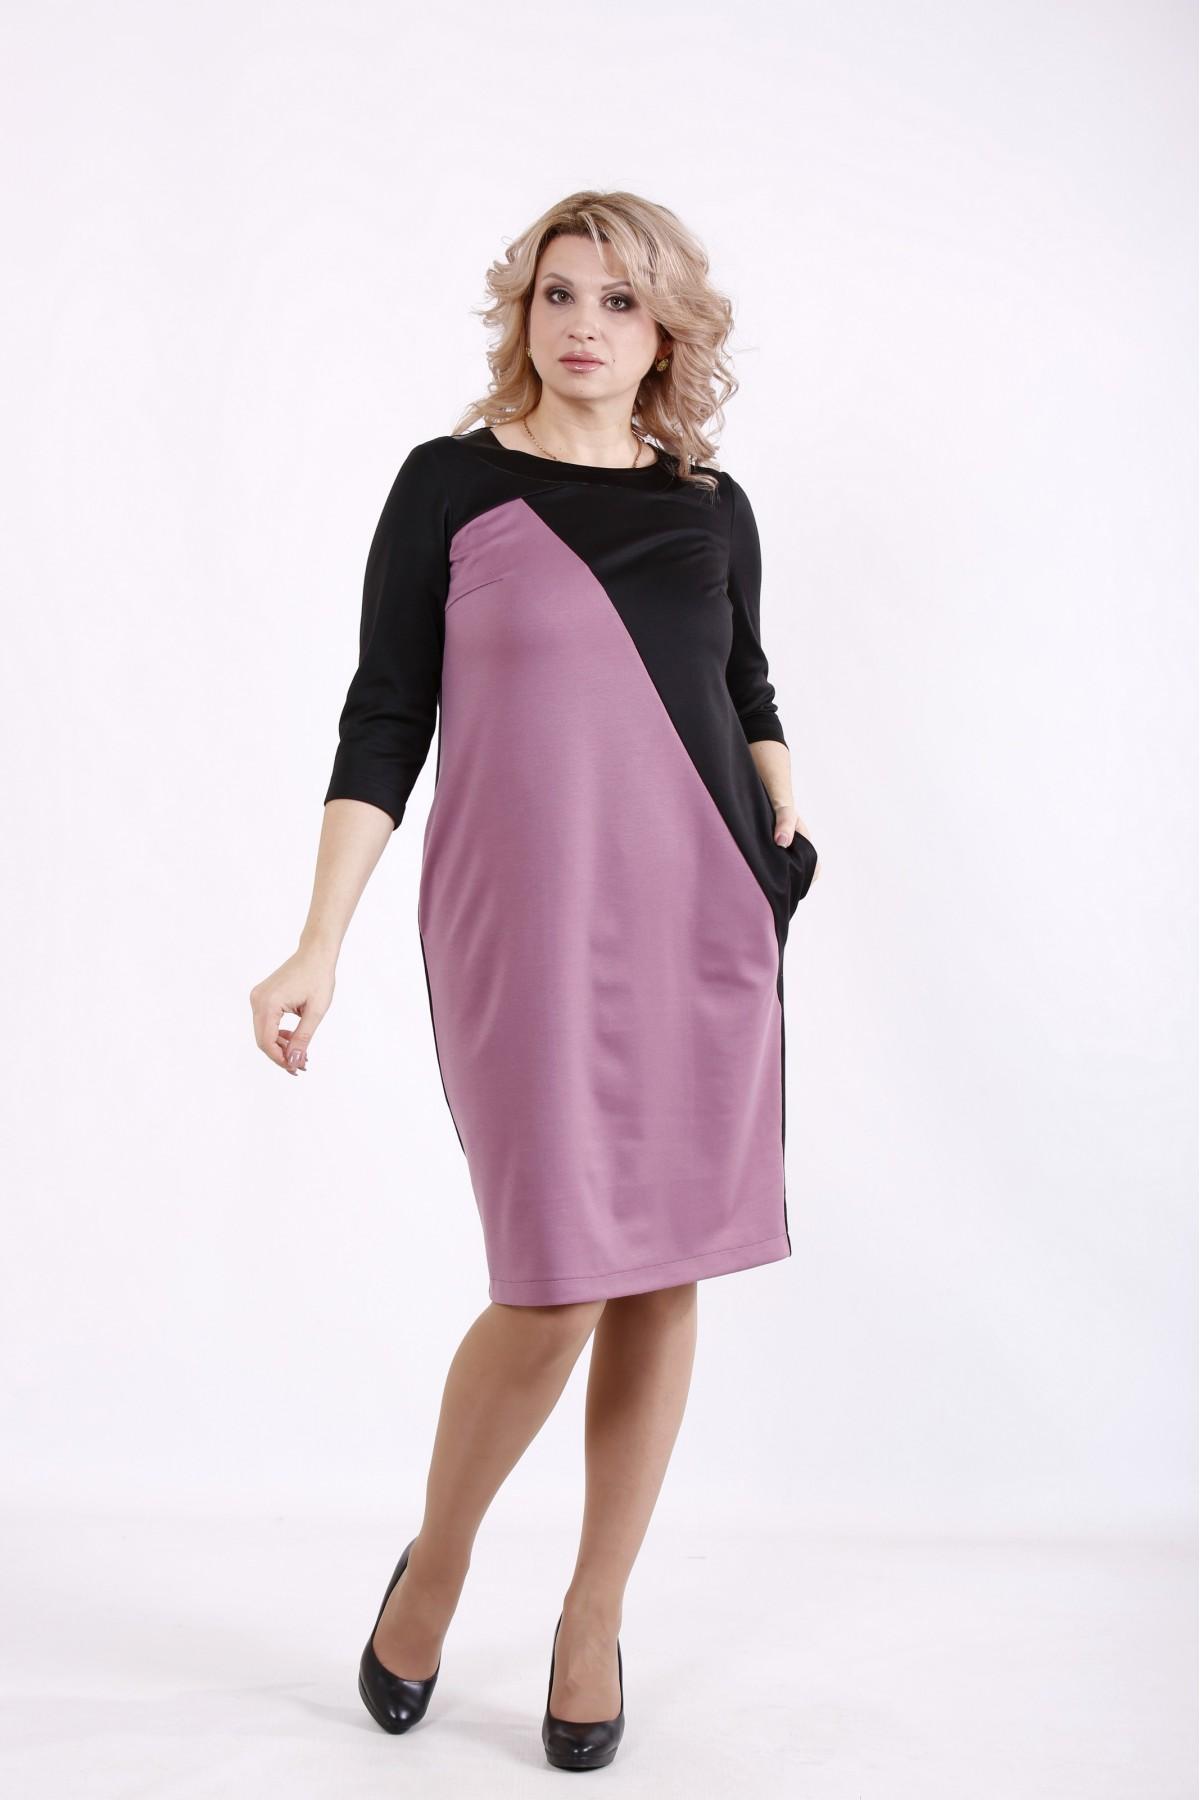 01721-3 | Черно-розовое платье